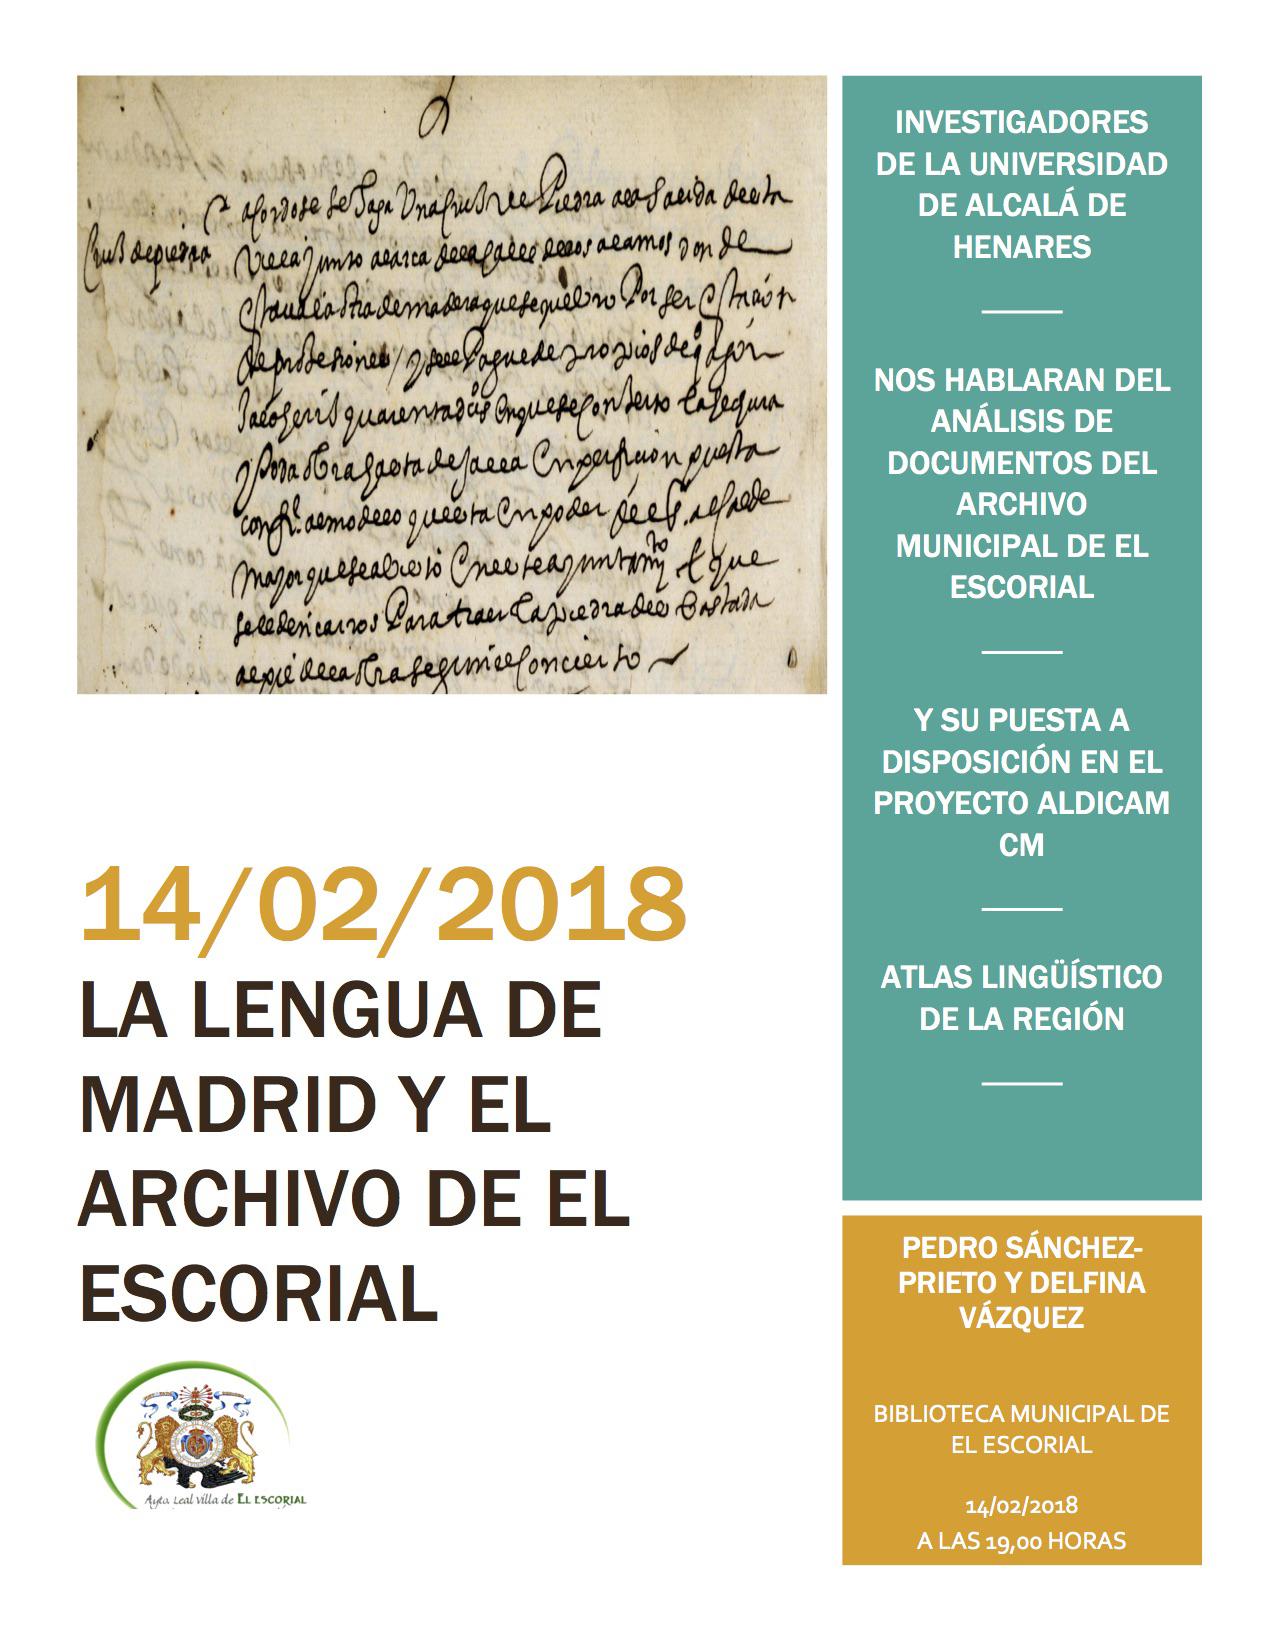 Charla La lengua de Madrid y El Archivo de El Escorial_14-02-18